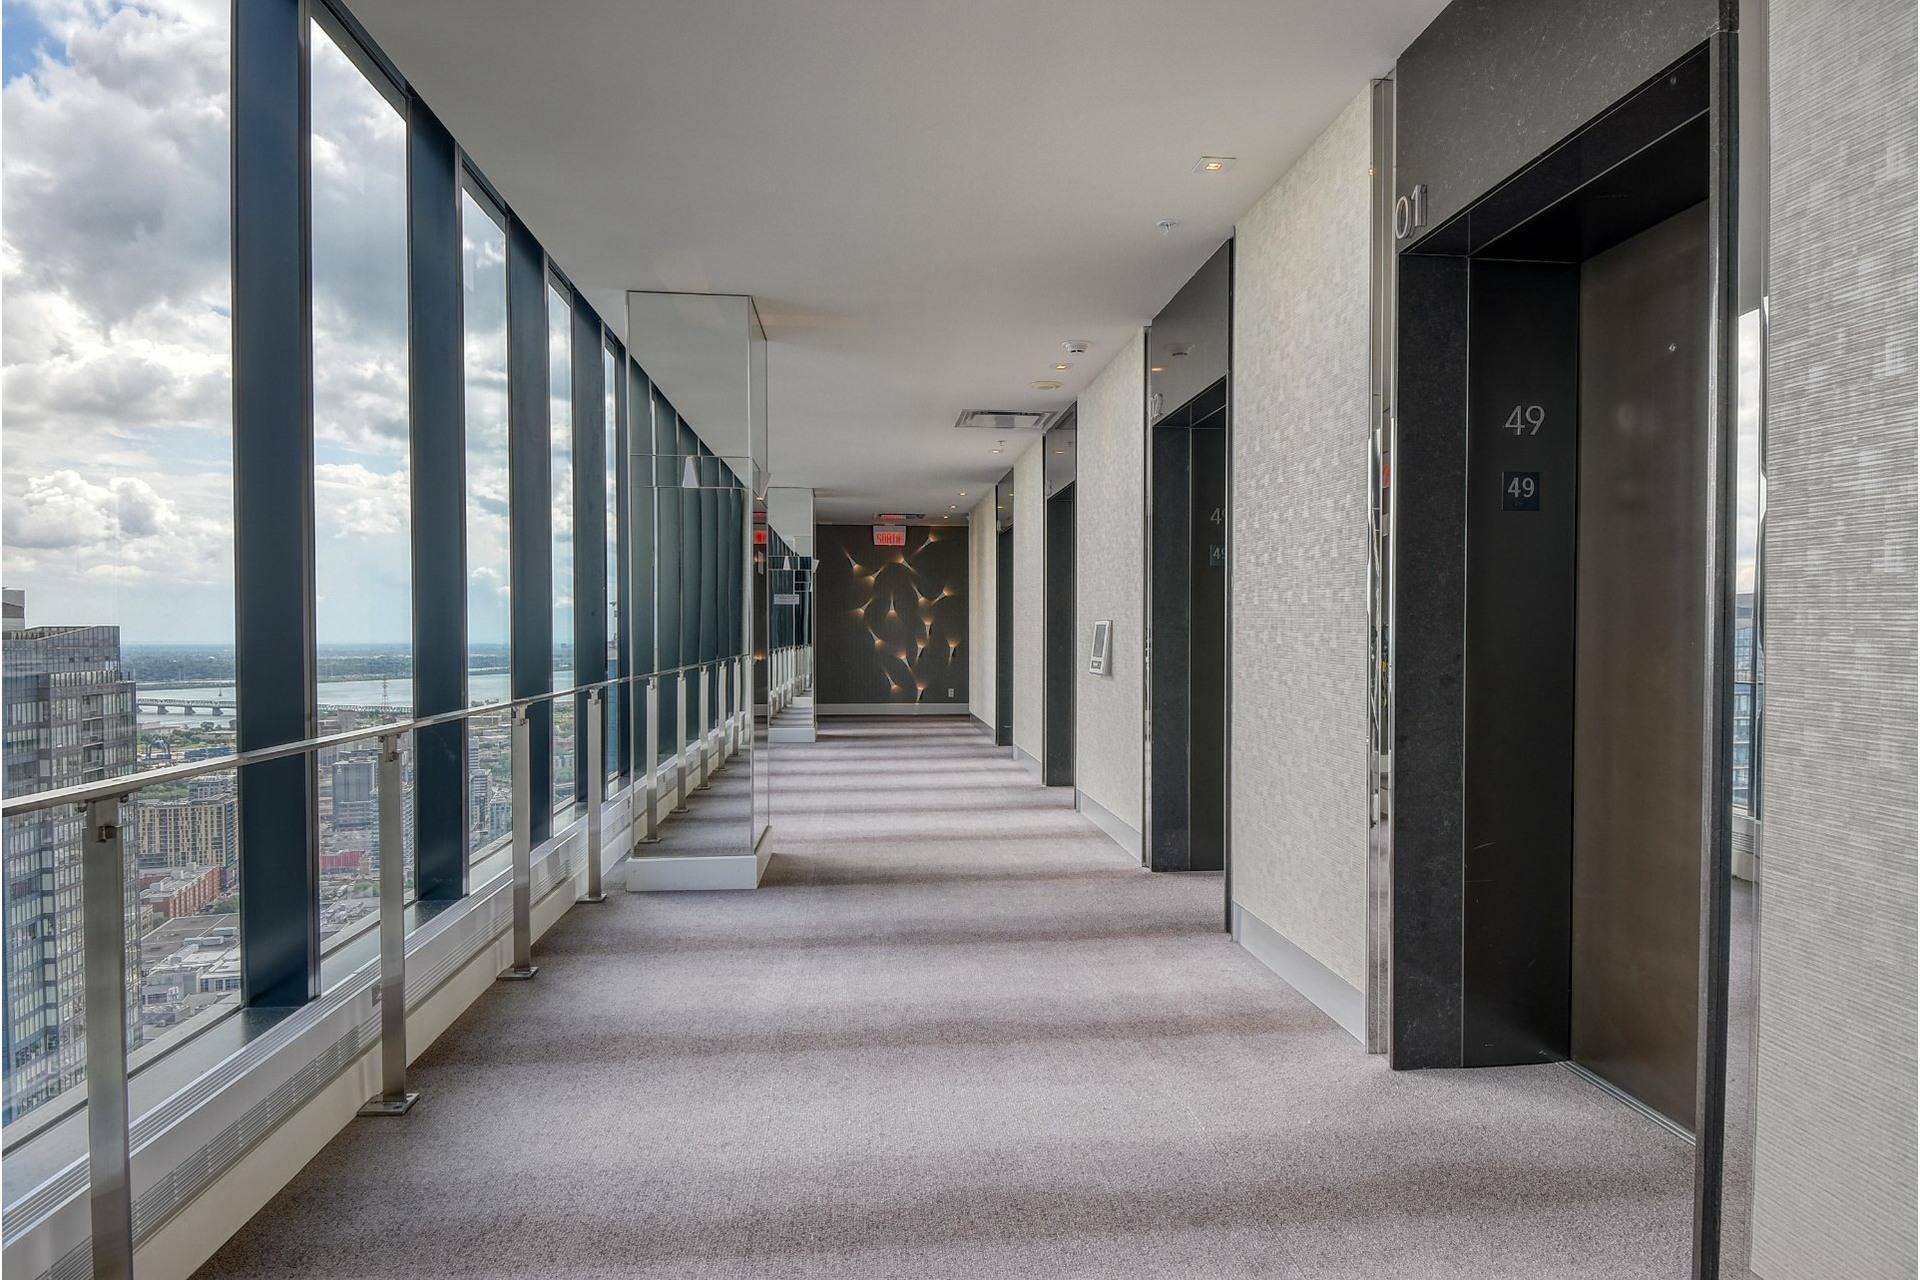 image 24 - Apartment For rent Ville-Marie Montréal  - 6 rooms